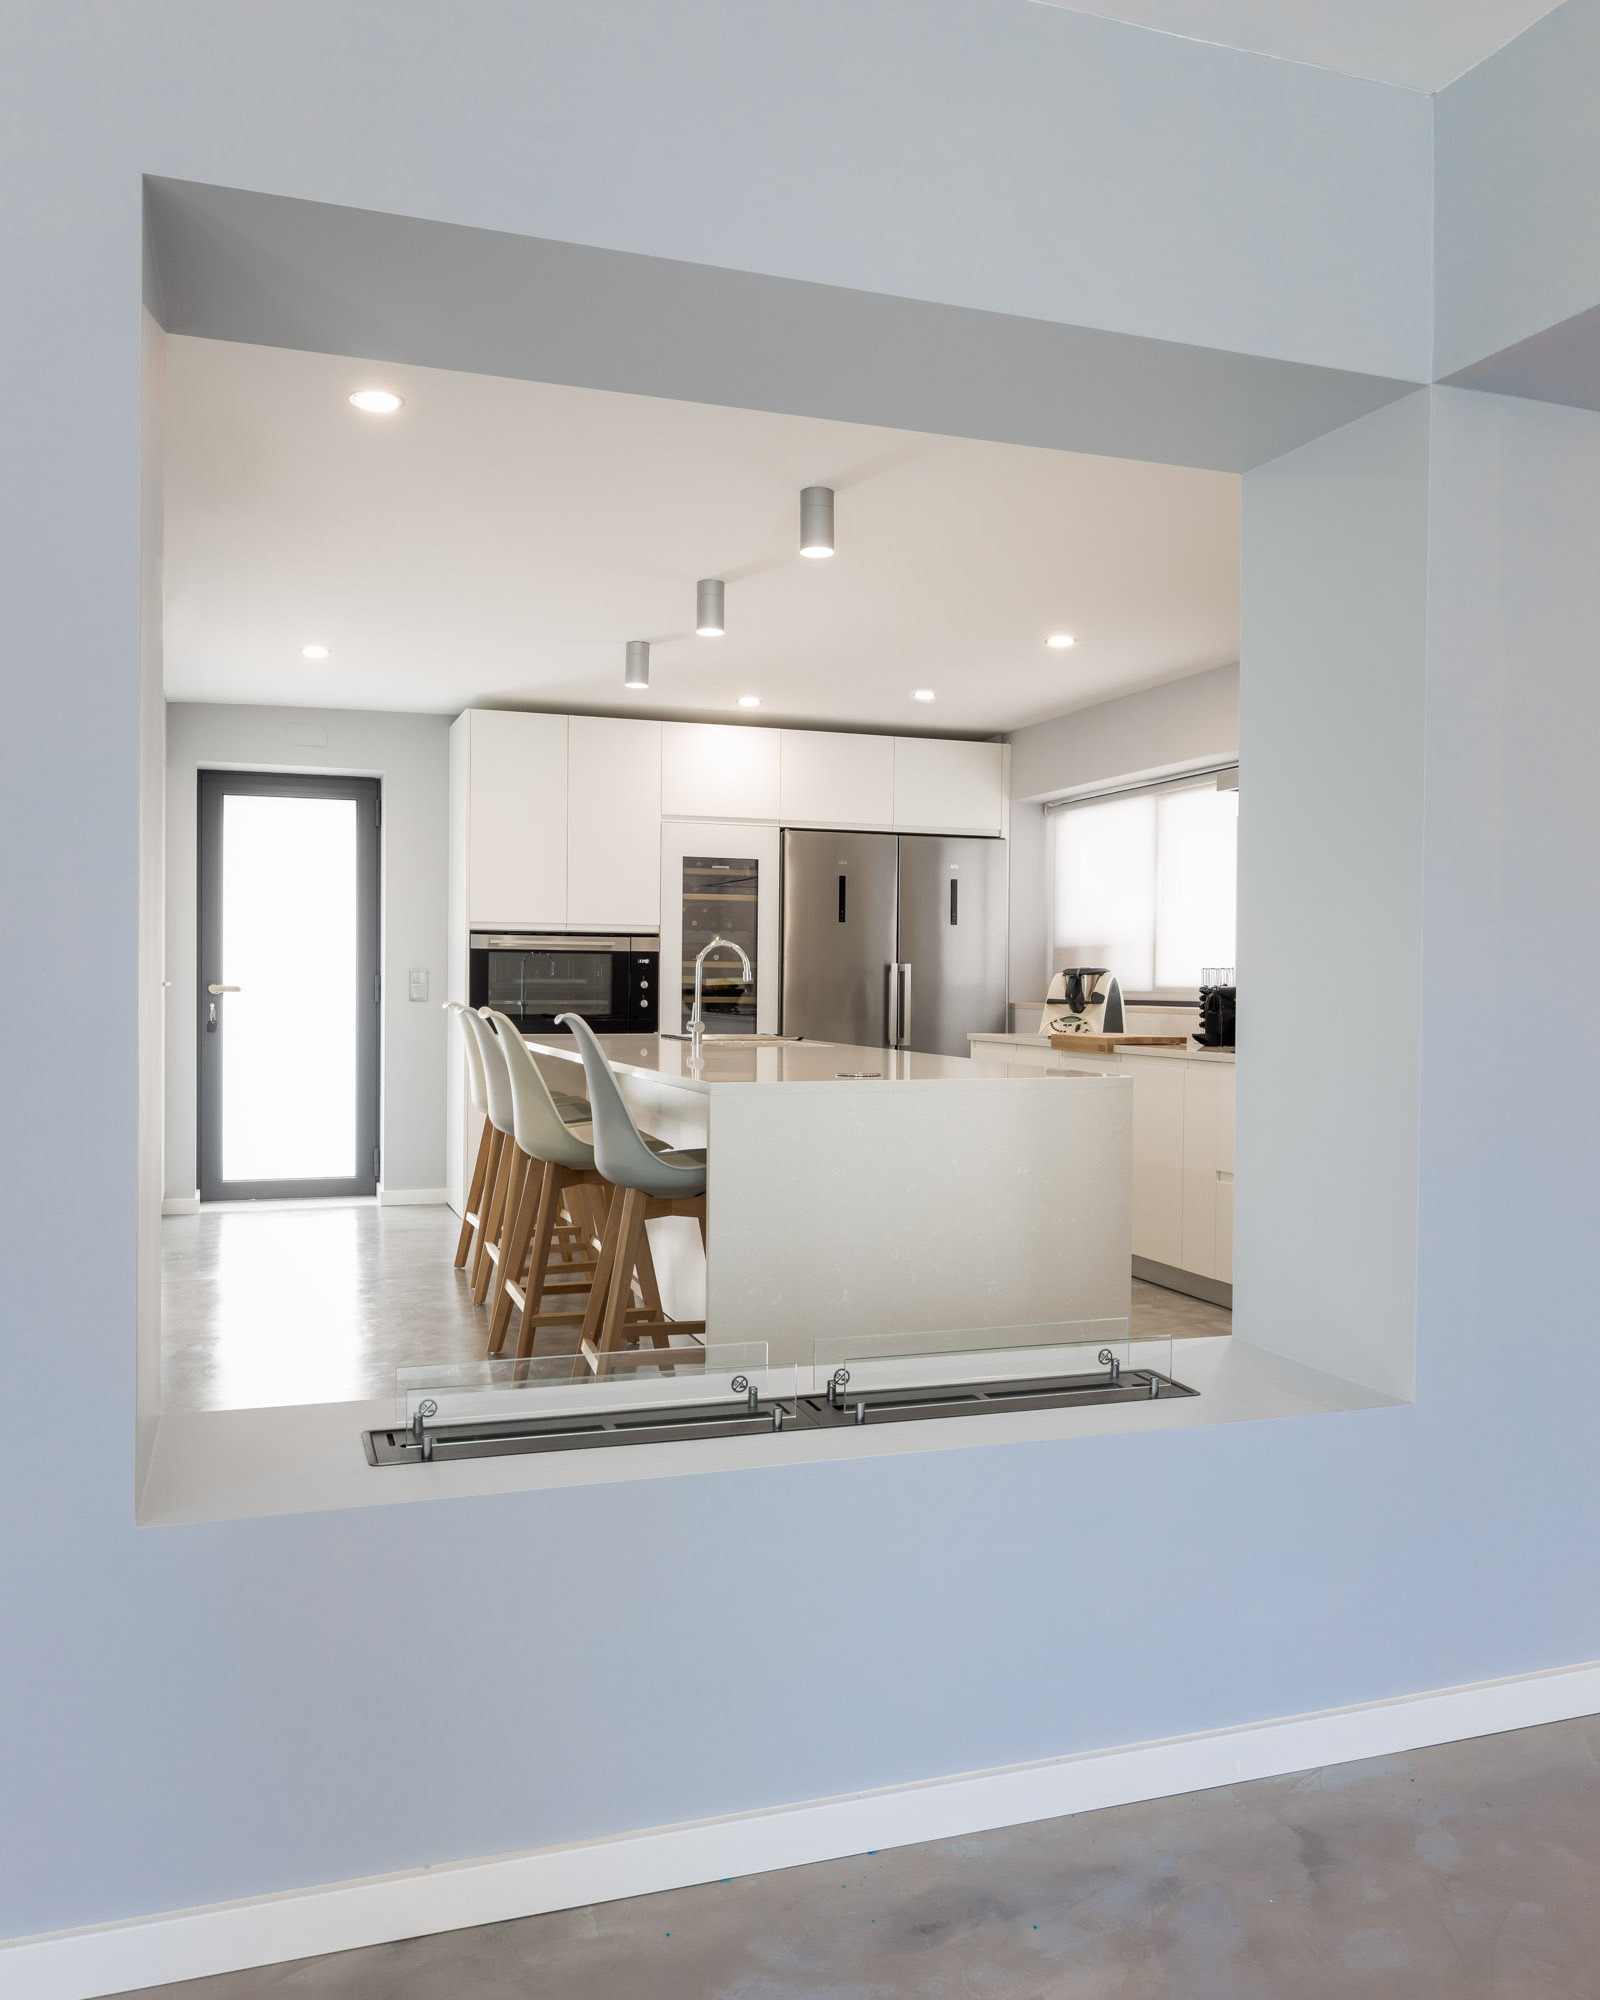 Cozinha moderna com ilha, com frentes em lacado branco mate sem puxadores, com bancada e forro de parede em Silestone, Side by Side AEG, garrafeira Liebherr e forno de 90 cm